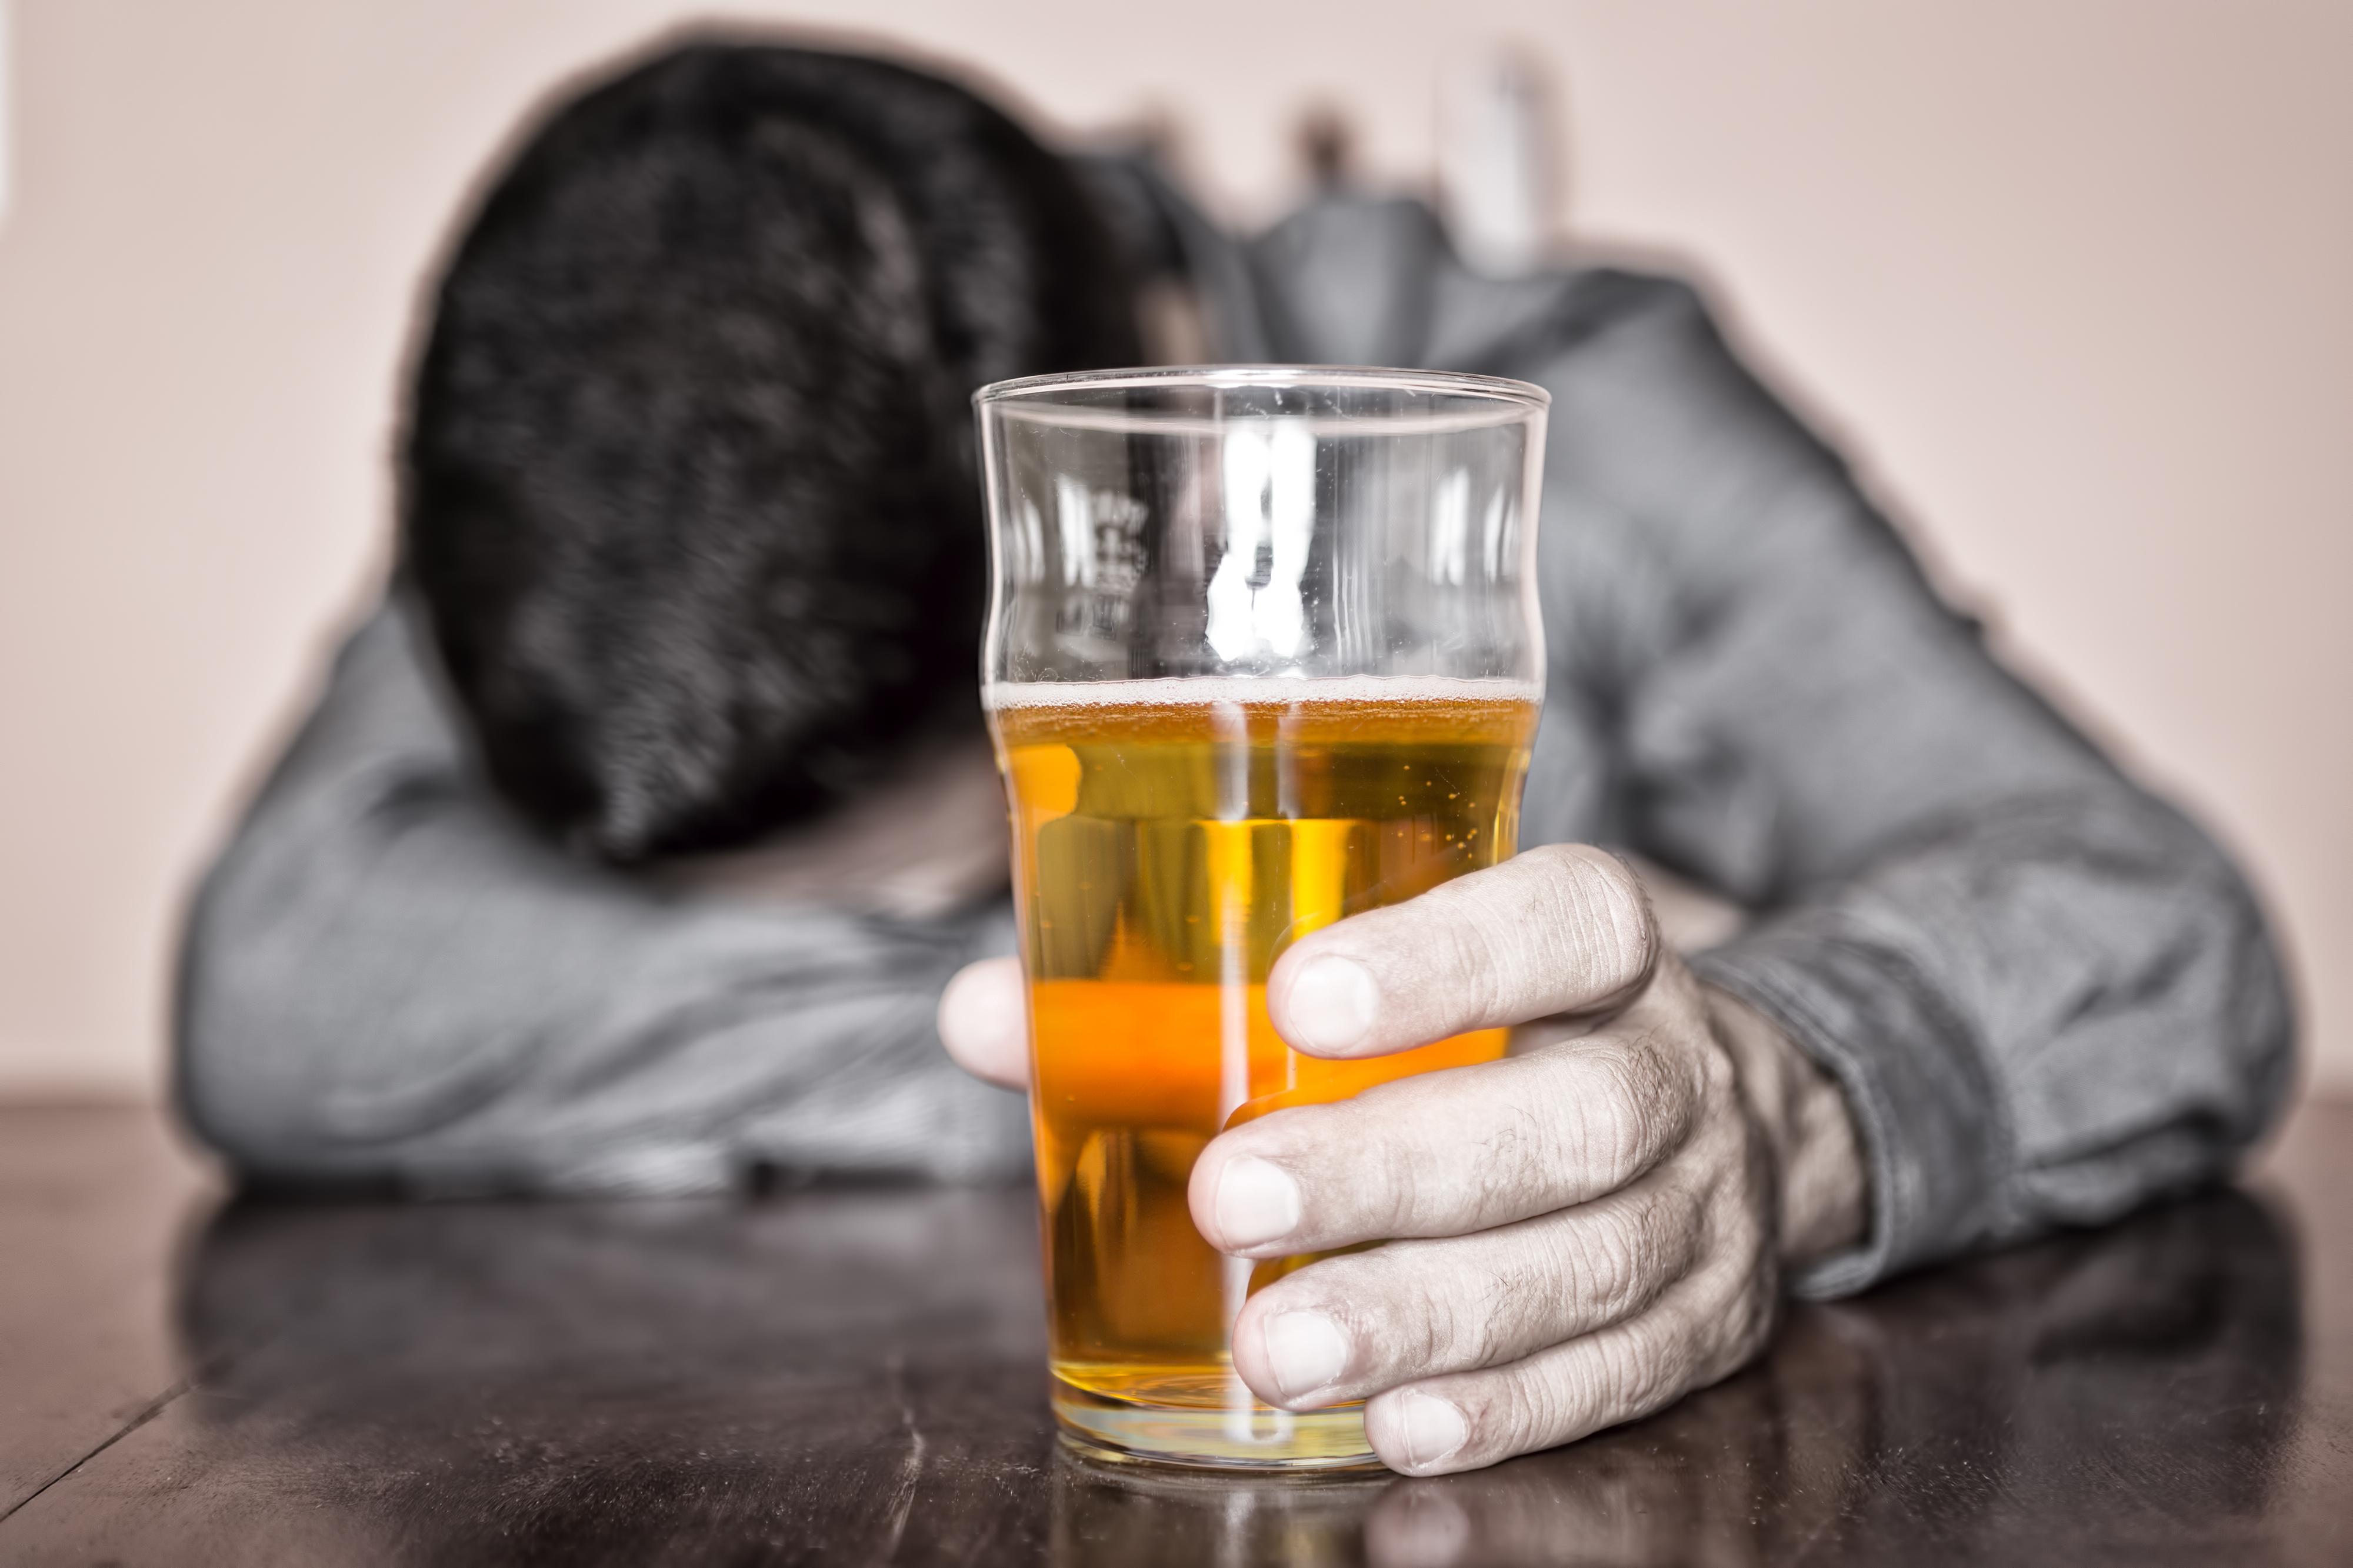 Como adelgazar al alcoholismo